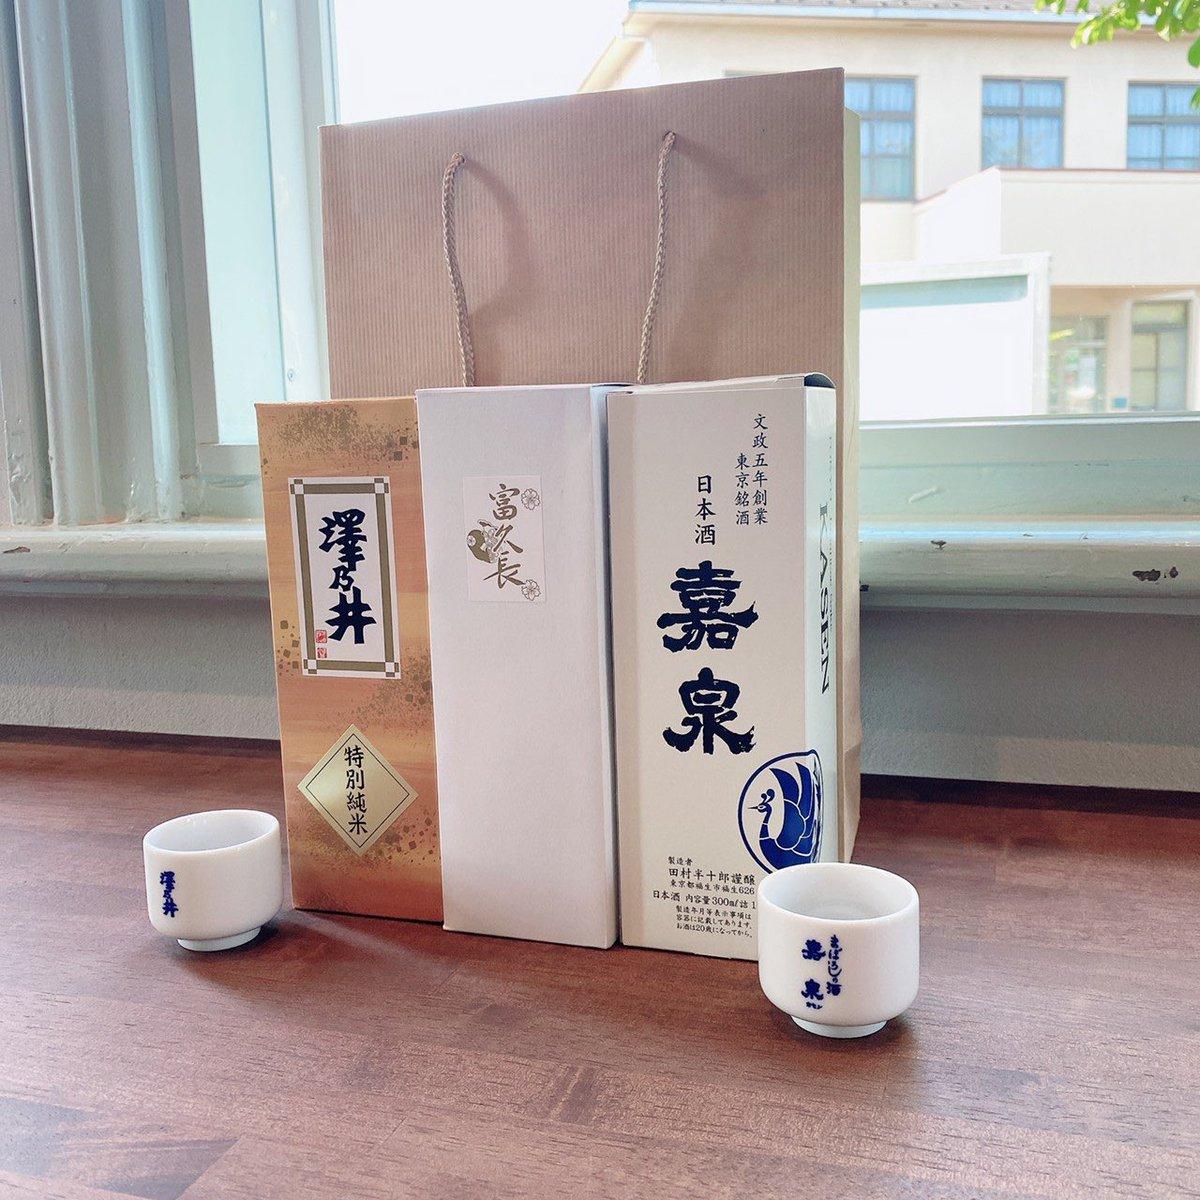 test ツイッターメディア - お酒造りの裏側、日本酒の味わい方🍶、さらには豪華なお土産。本当にもりだくさんなイベントとなりました🍶✨🙏 小澤酒造さん、田村酒造さん、素敵なお時間をありがとうございました✨✨ https://t.co/d3GHNJyAWf